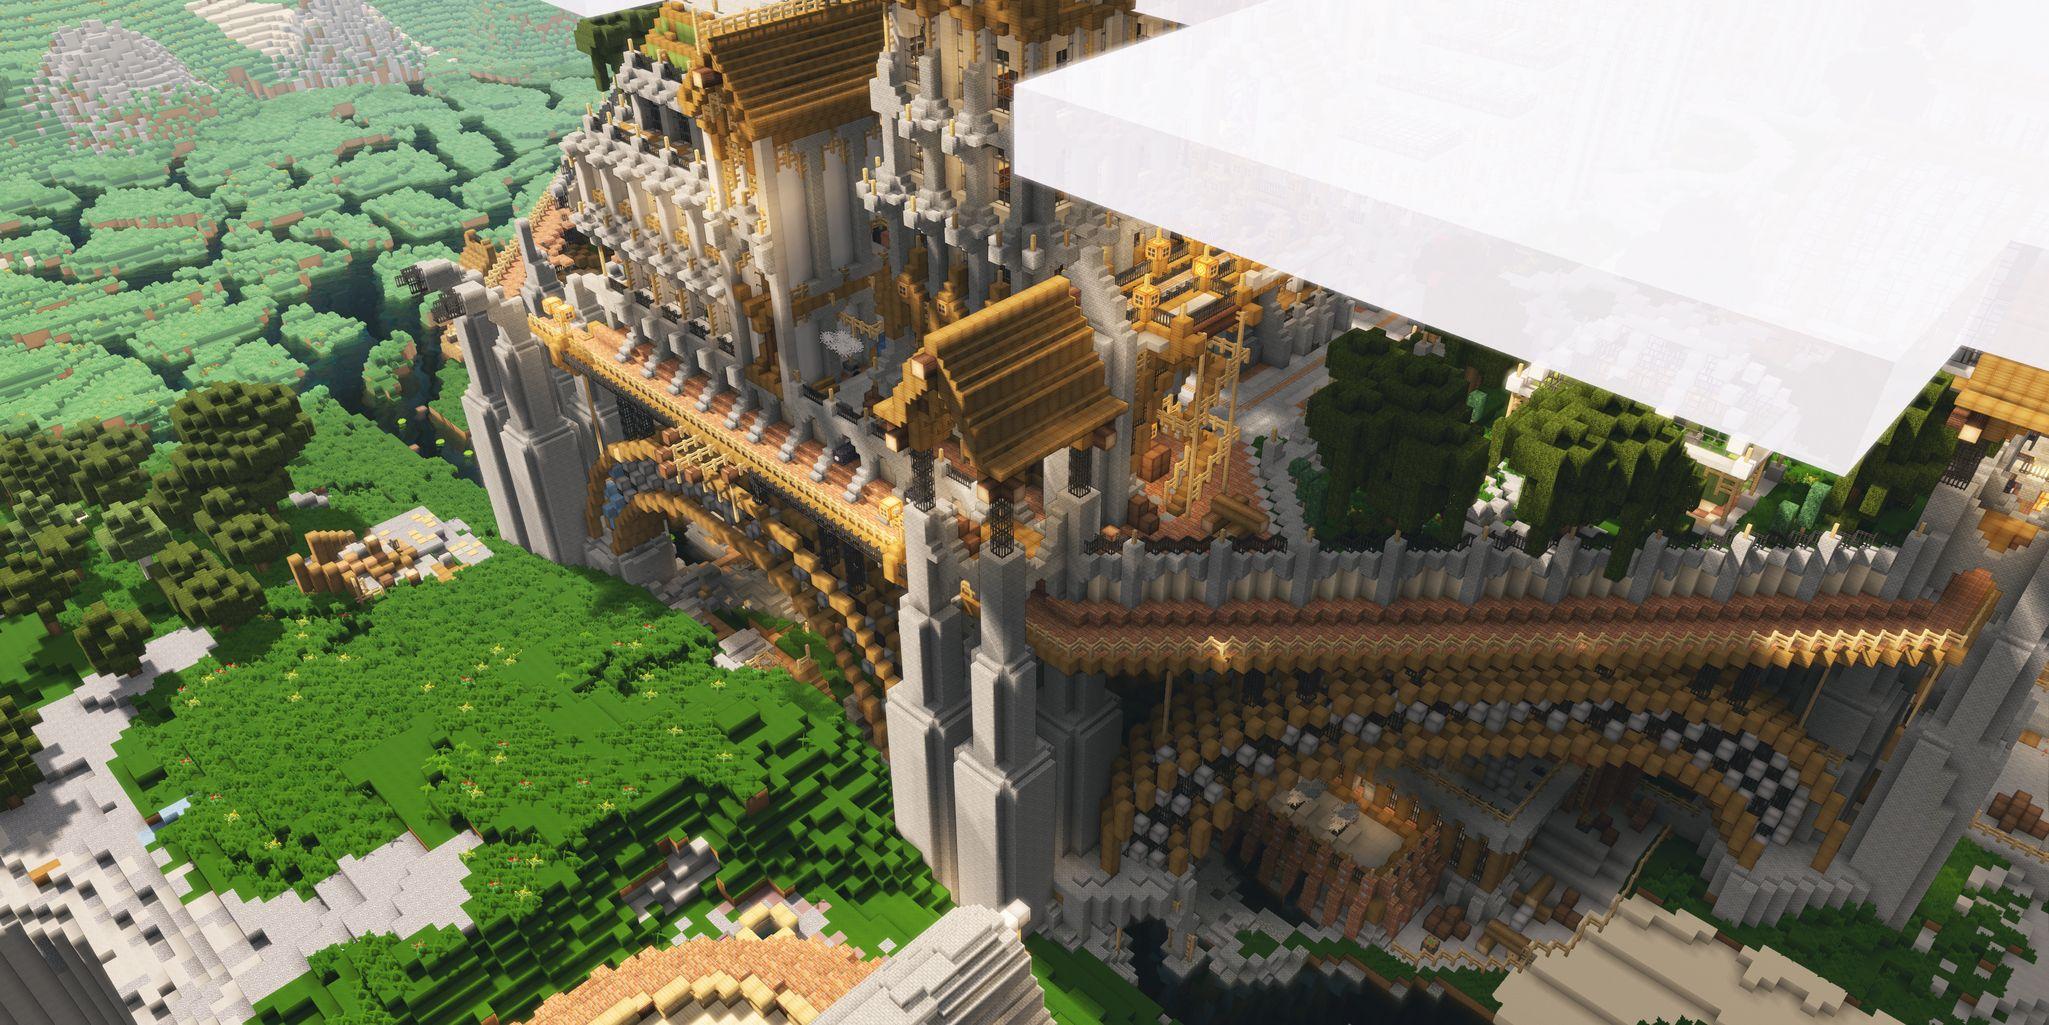 Minecraft (Mojang, 2011)